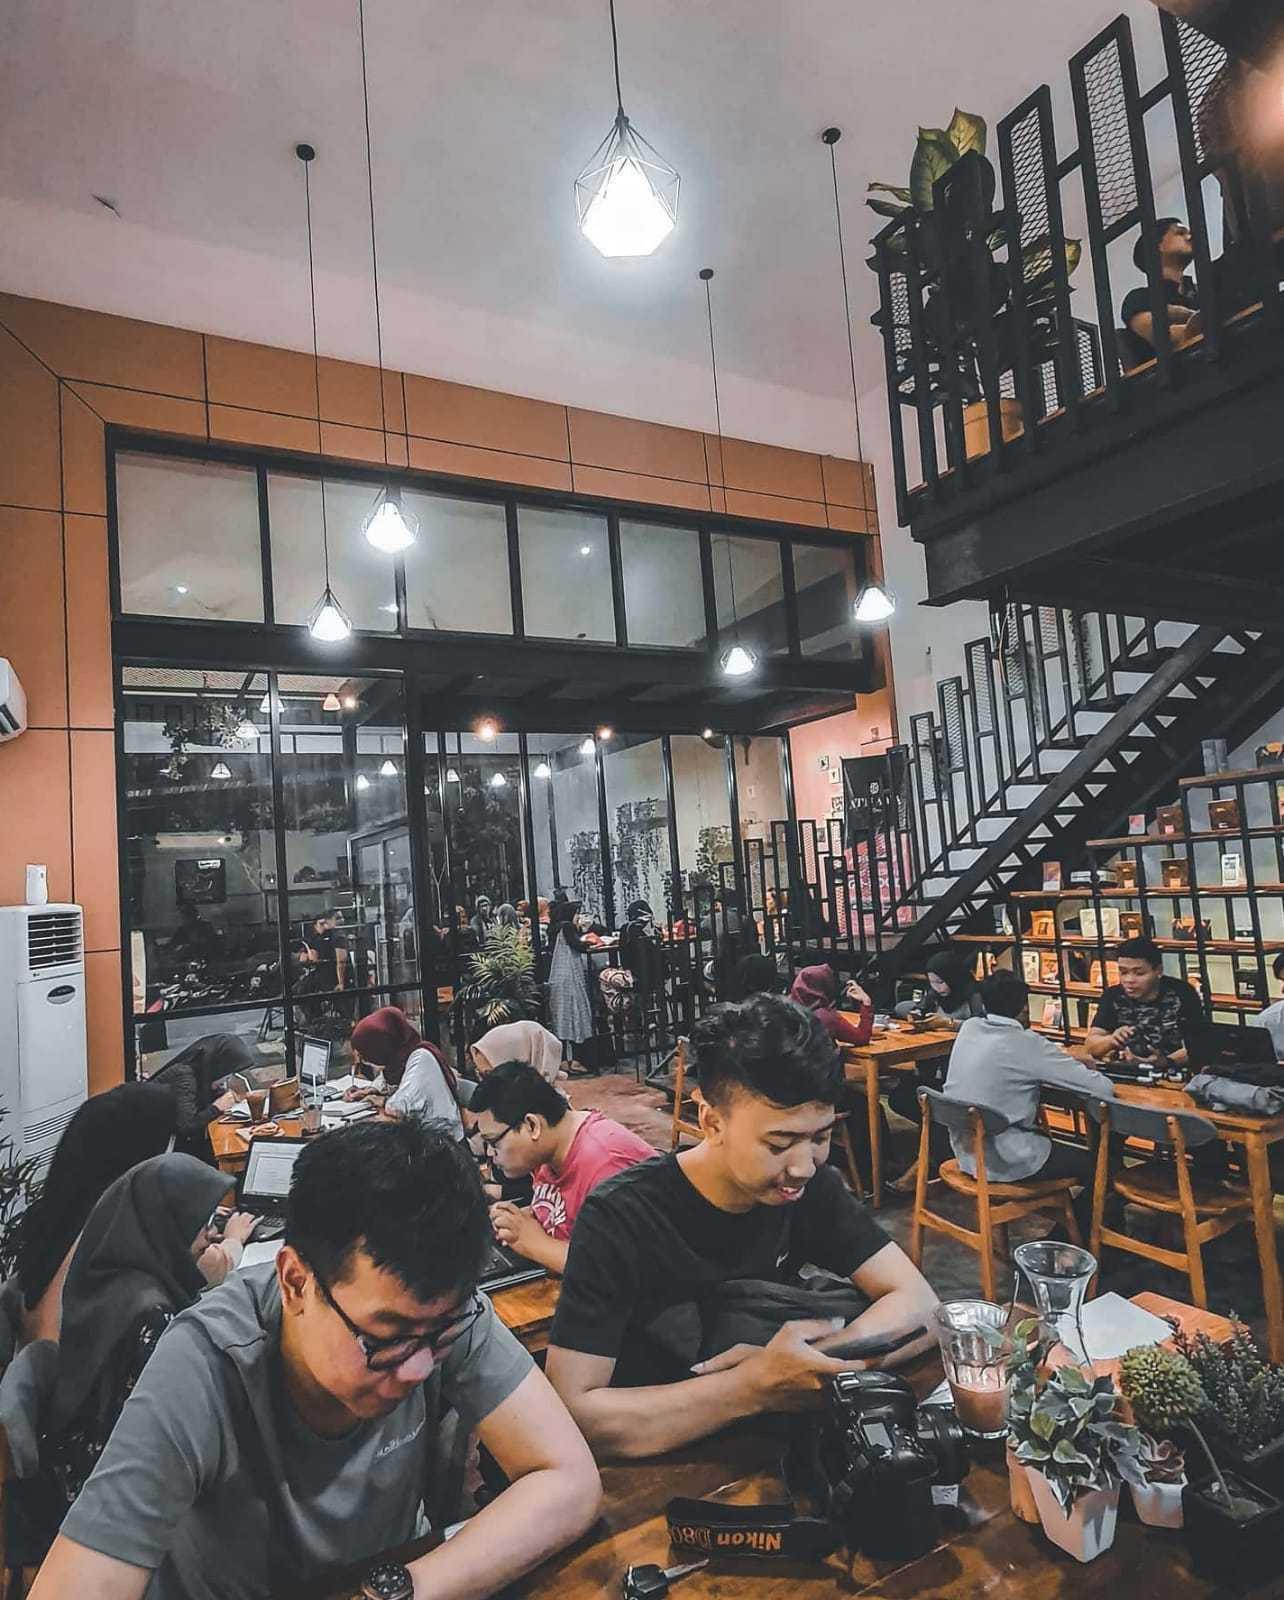 Fau Architects Athaya Coffee Pedurungan, Kota Semarang, Jawa Tengah, Indonesia Pedurungan, Kota Semarang, Jawa Tengah, Indonesia Fau-Architects-Athaya-Coffee  109042